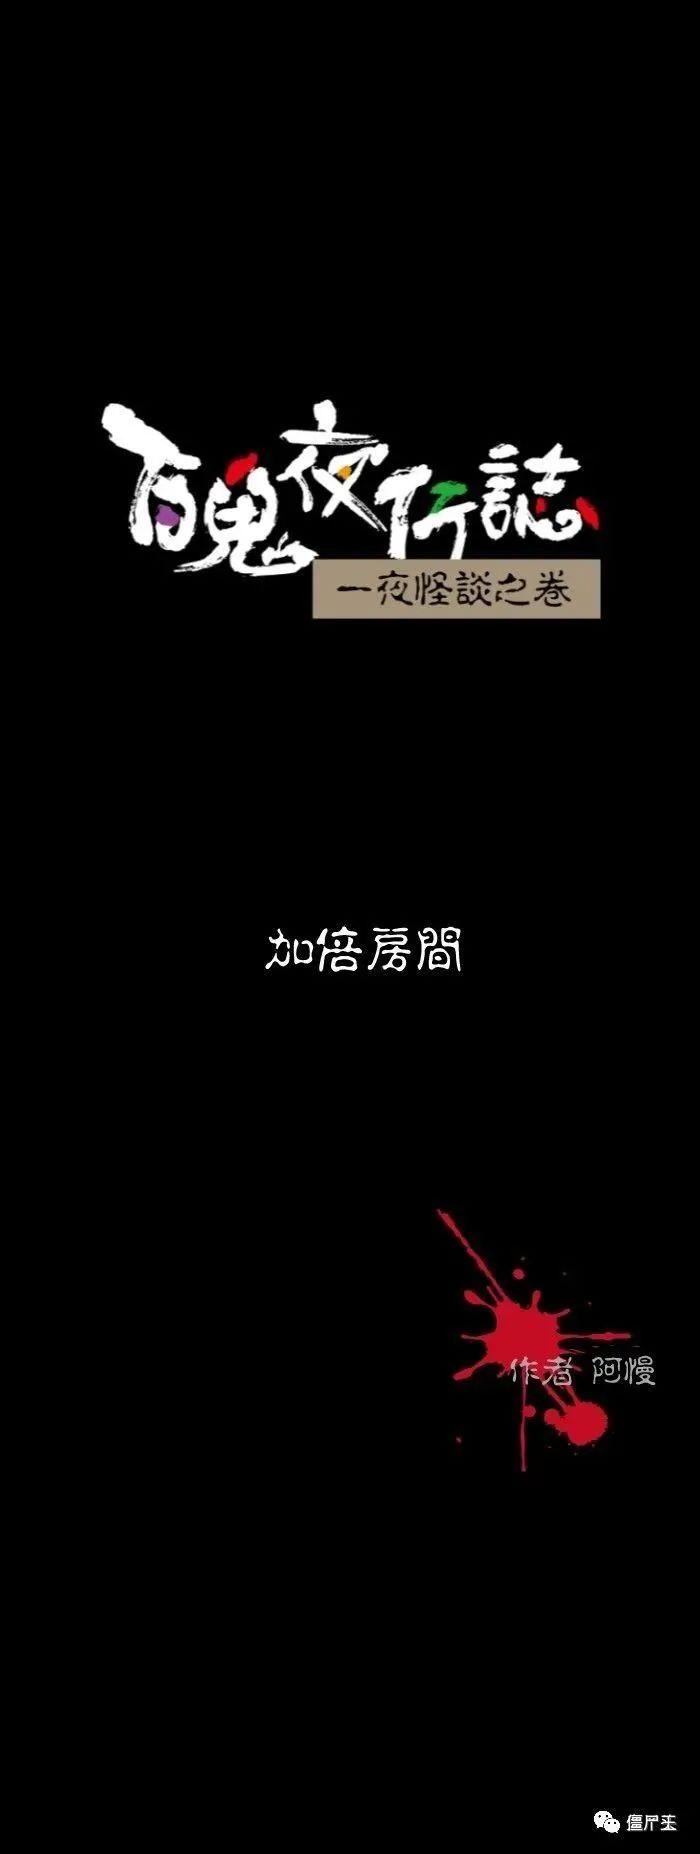 僵尸王漫画:百鬼夜行记之加倍房间